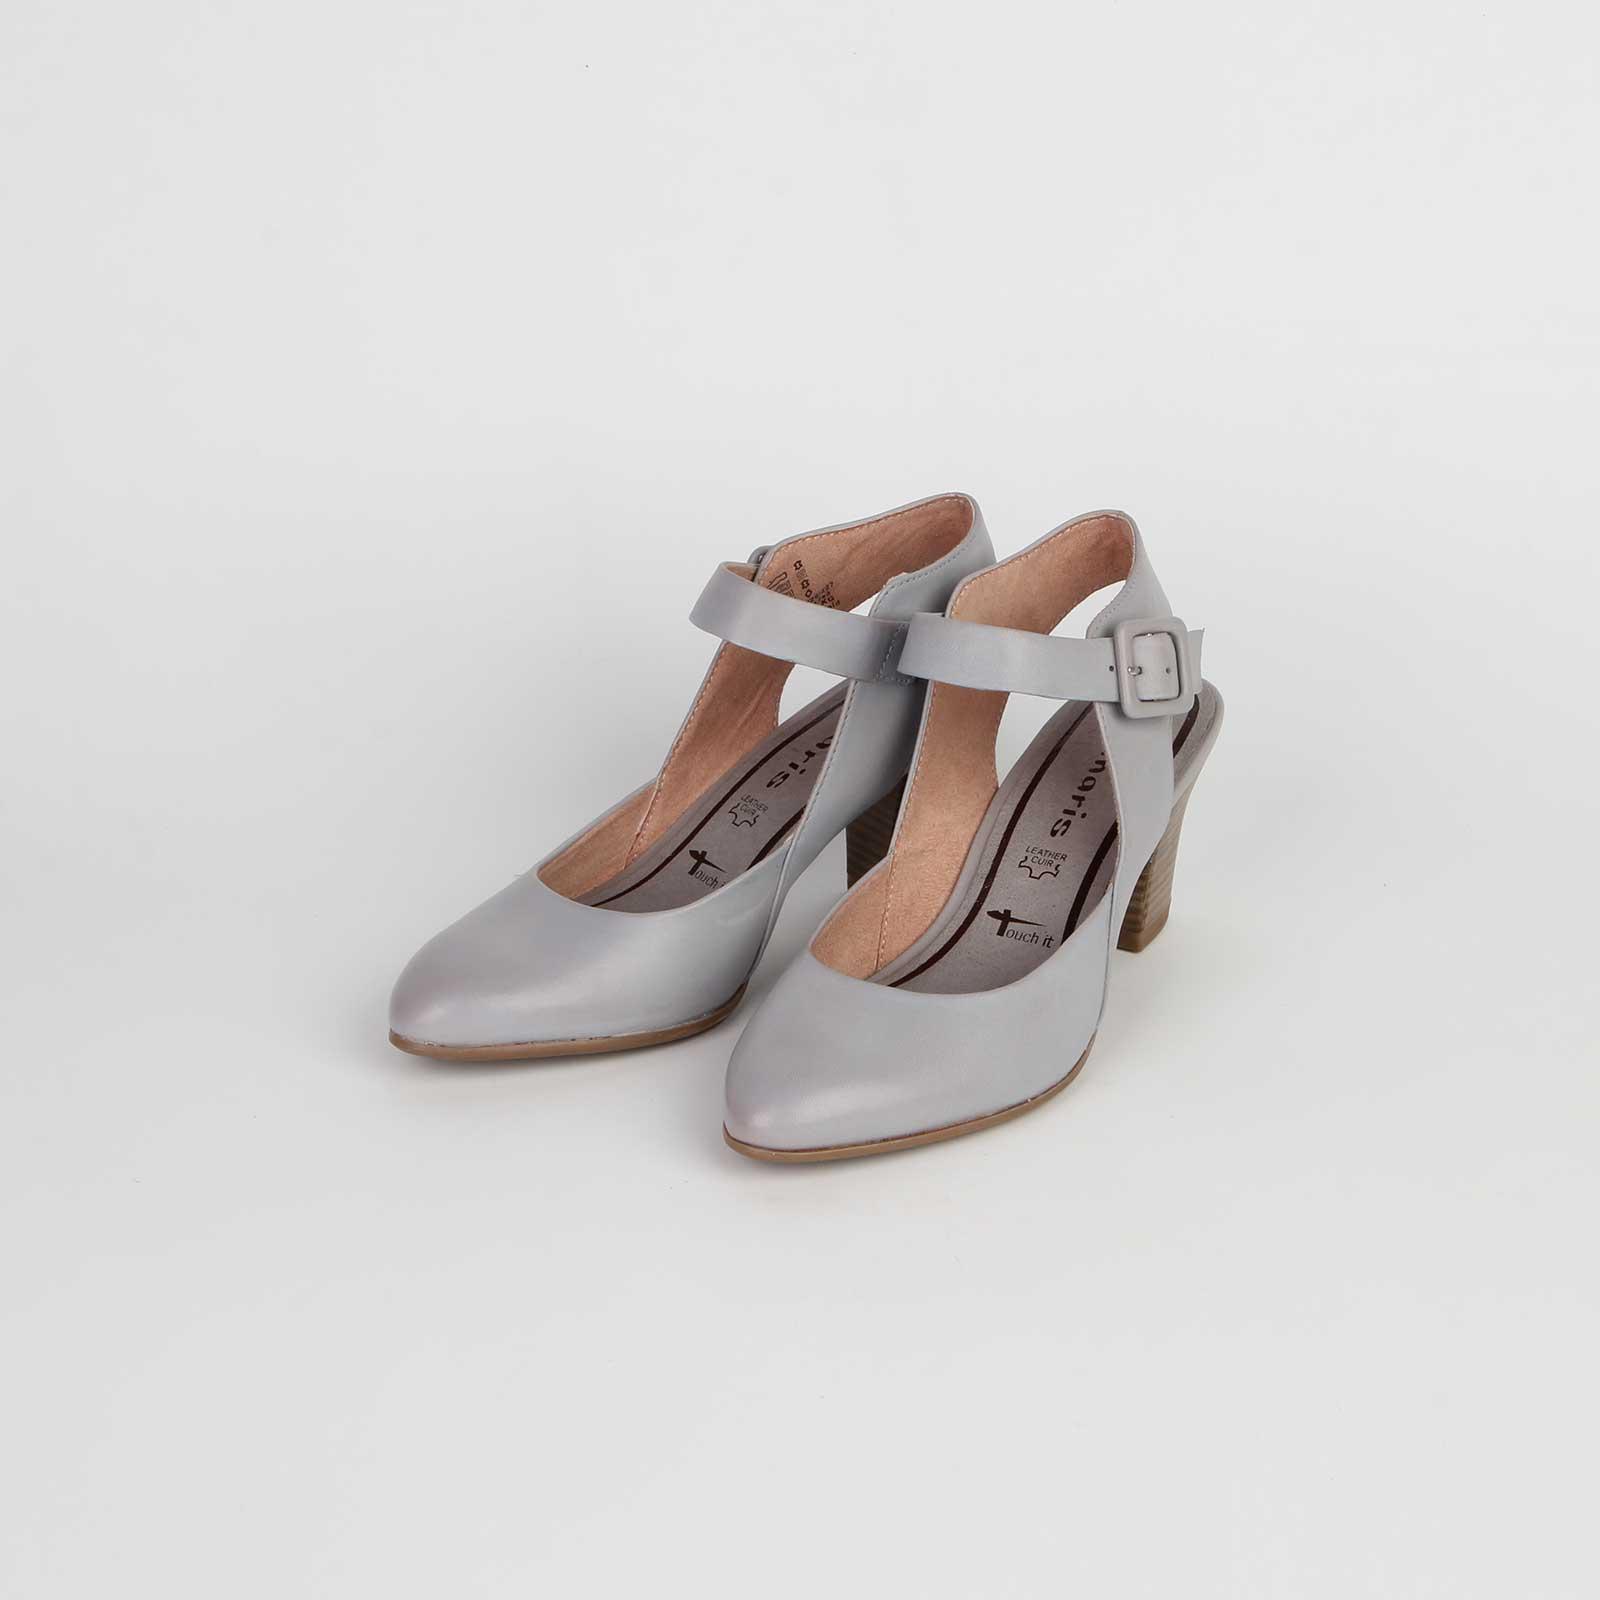 Туфли женские из натуральной кожи с регулируемым ремешком